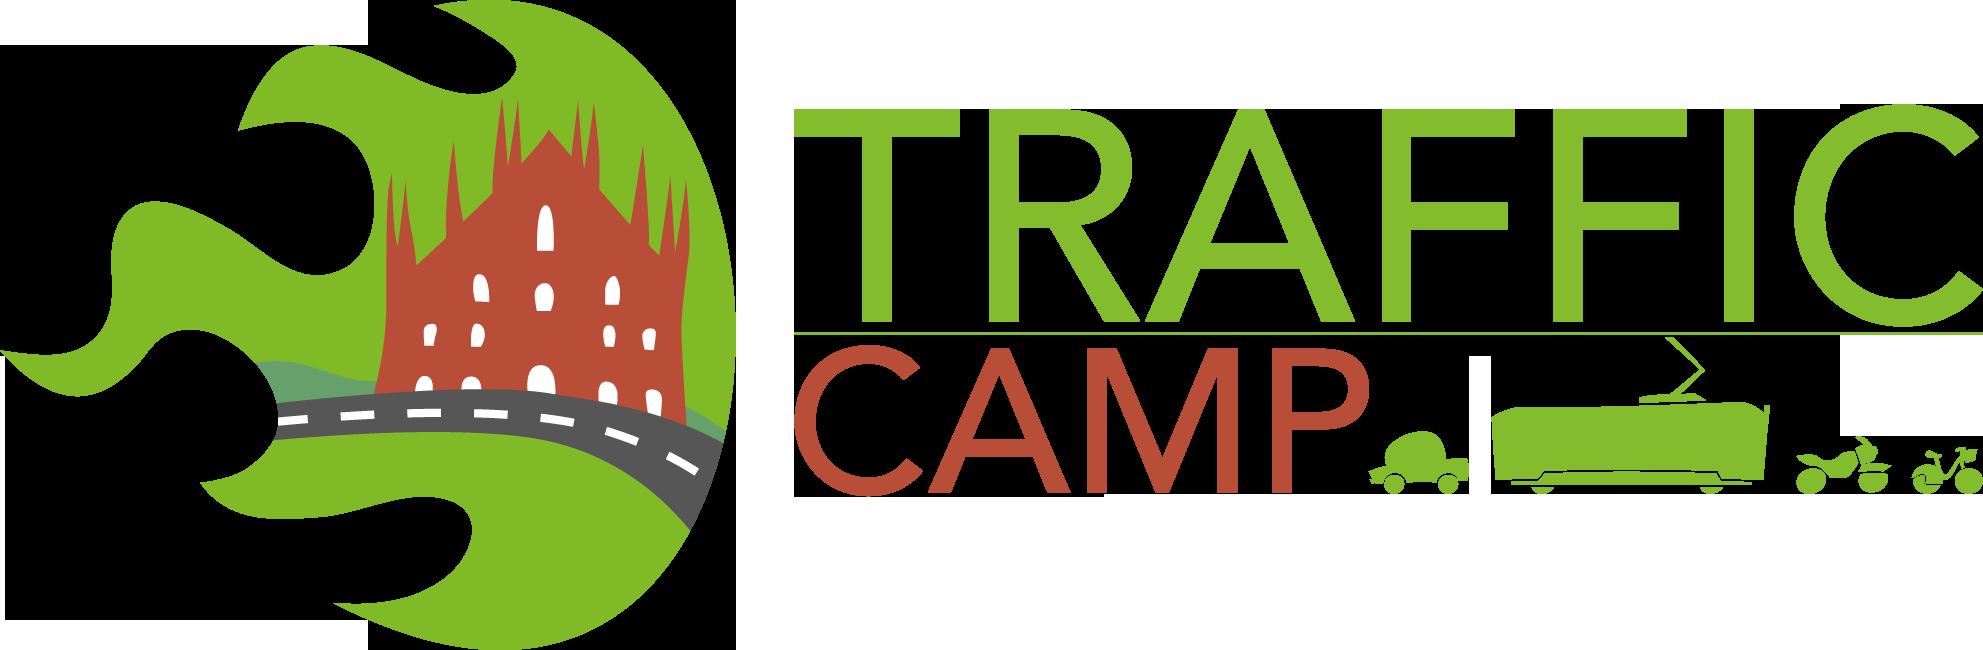 TrafficCamp